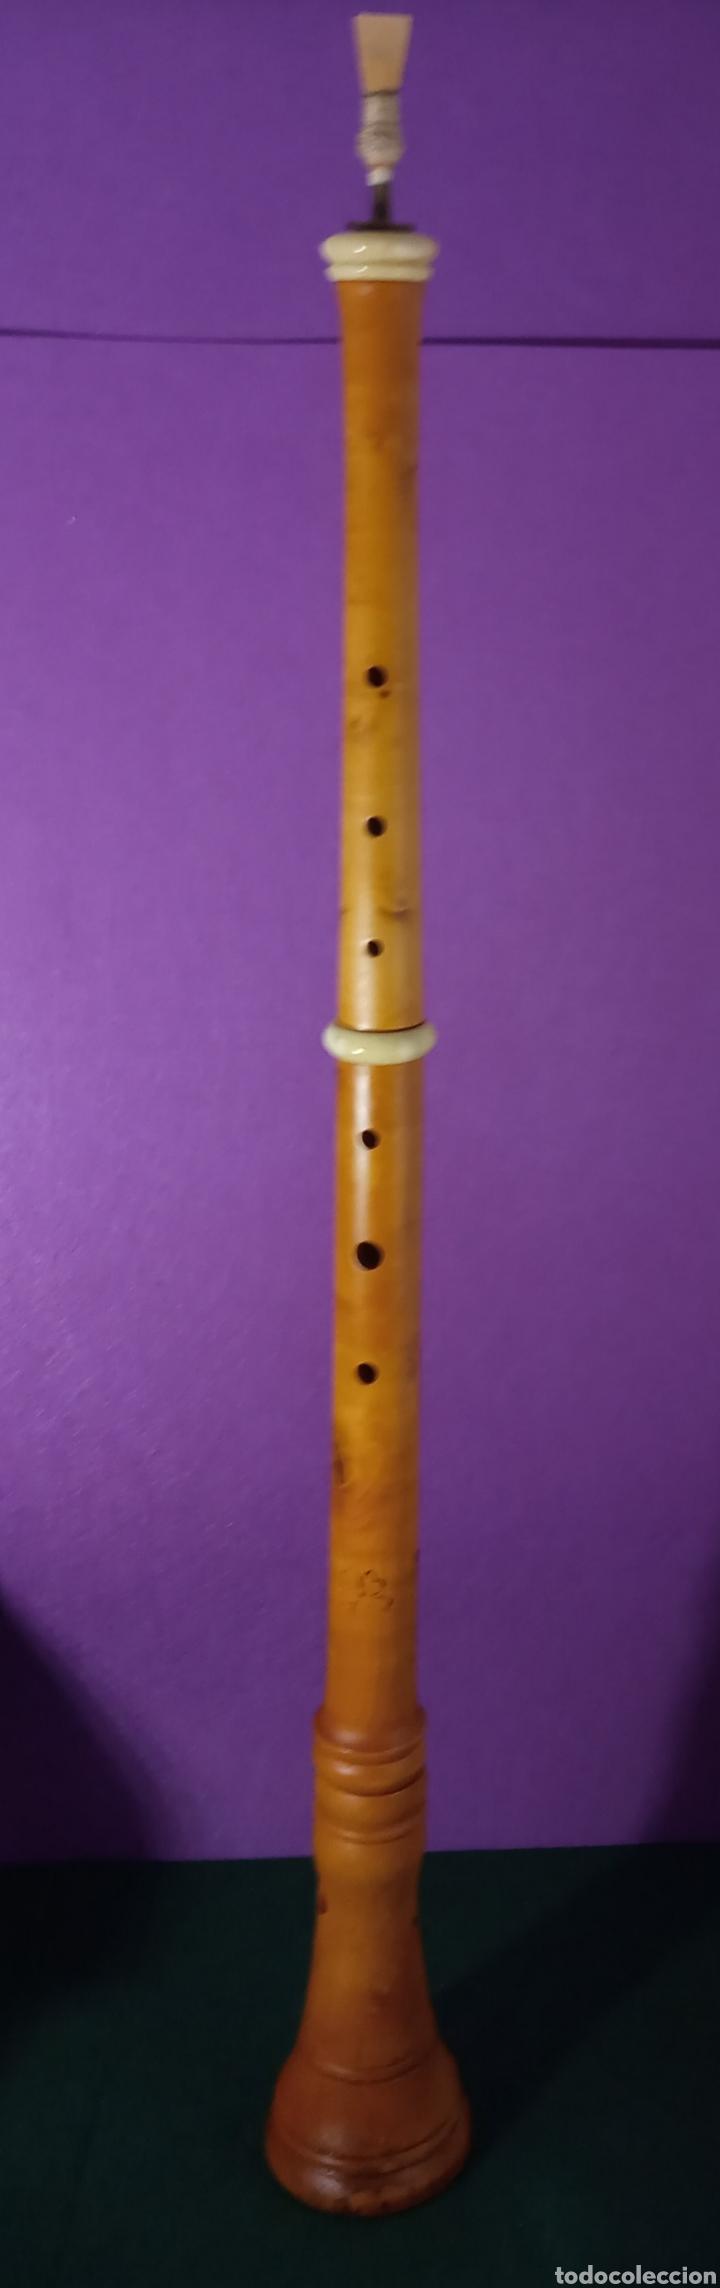 TAROTA. MADERA DE BOJ. (Música - Instrumentos Musicales - Viento Madera)